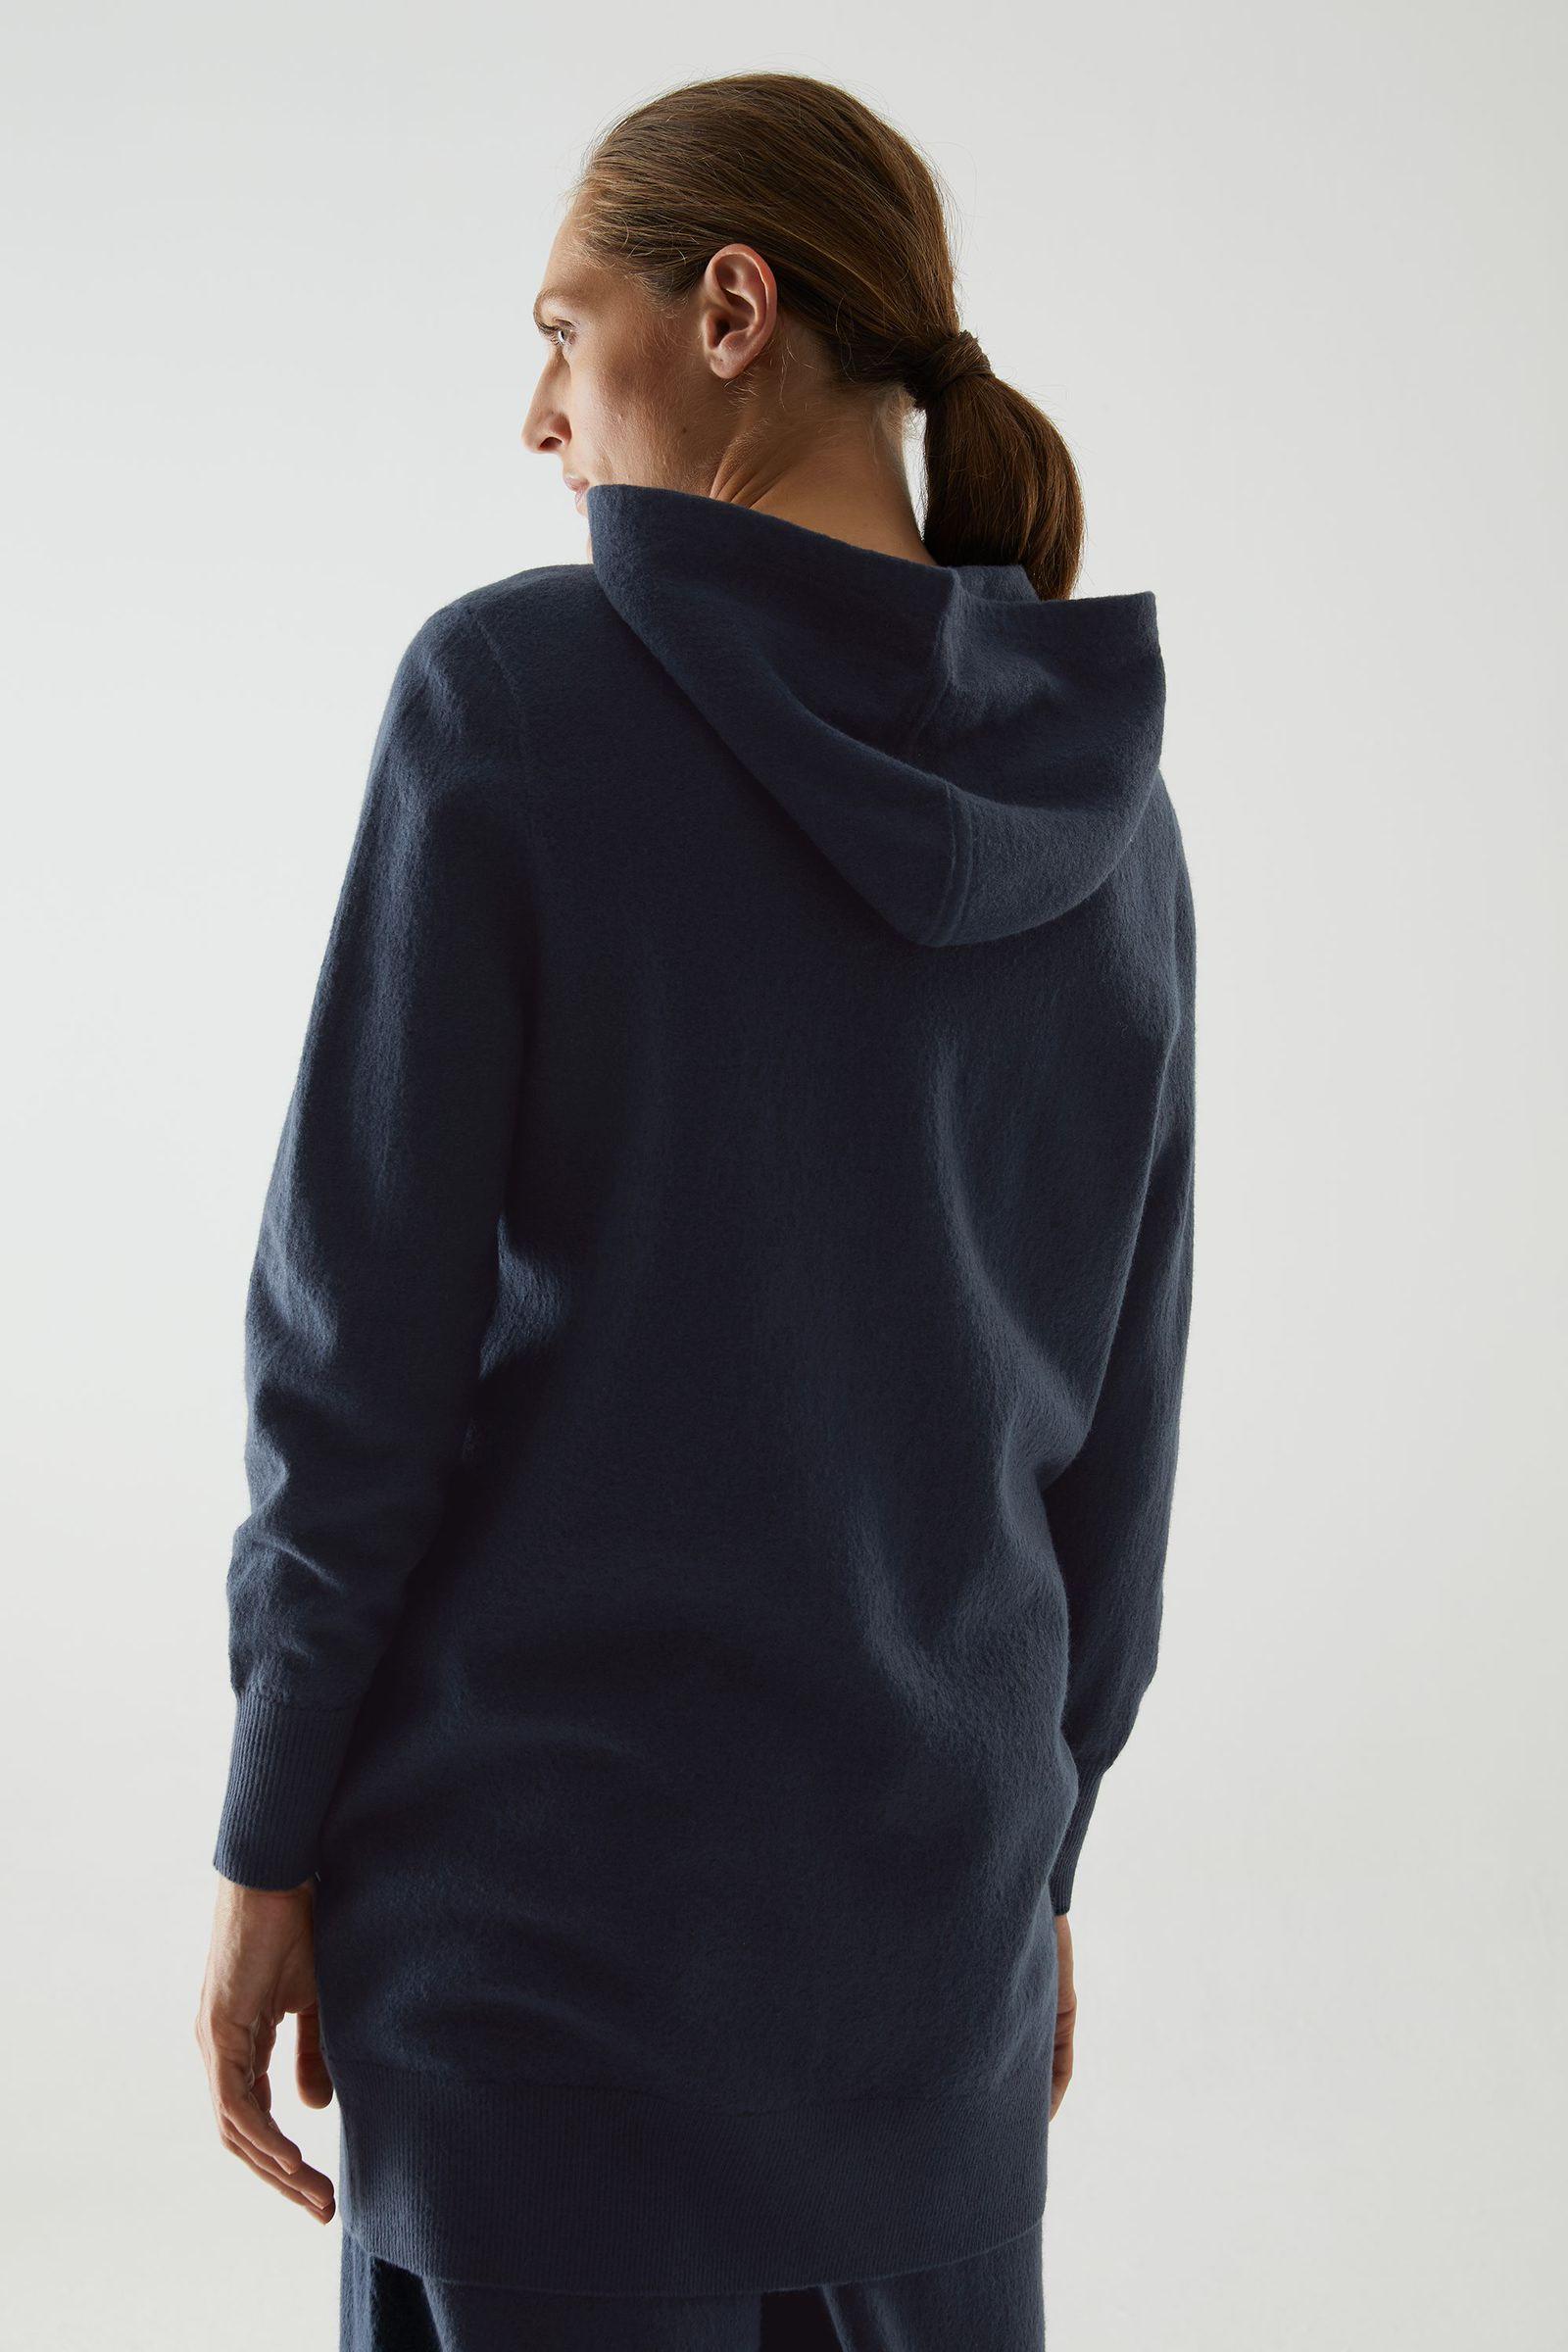 COS 메리노 울 후드 집업 드레스의 블루컬러 ECOMLook입니다.